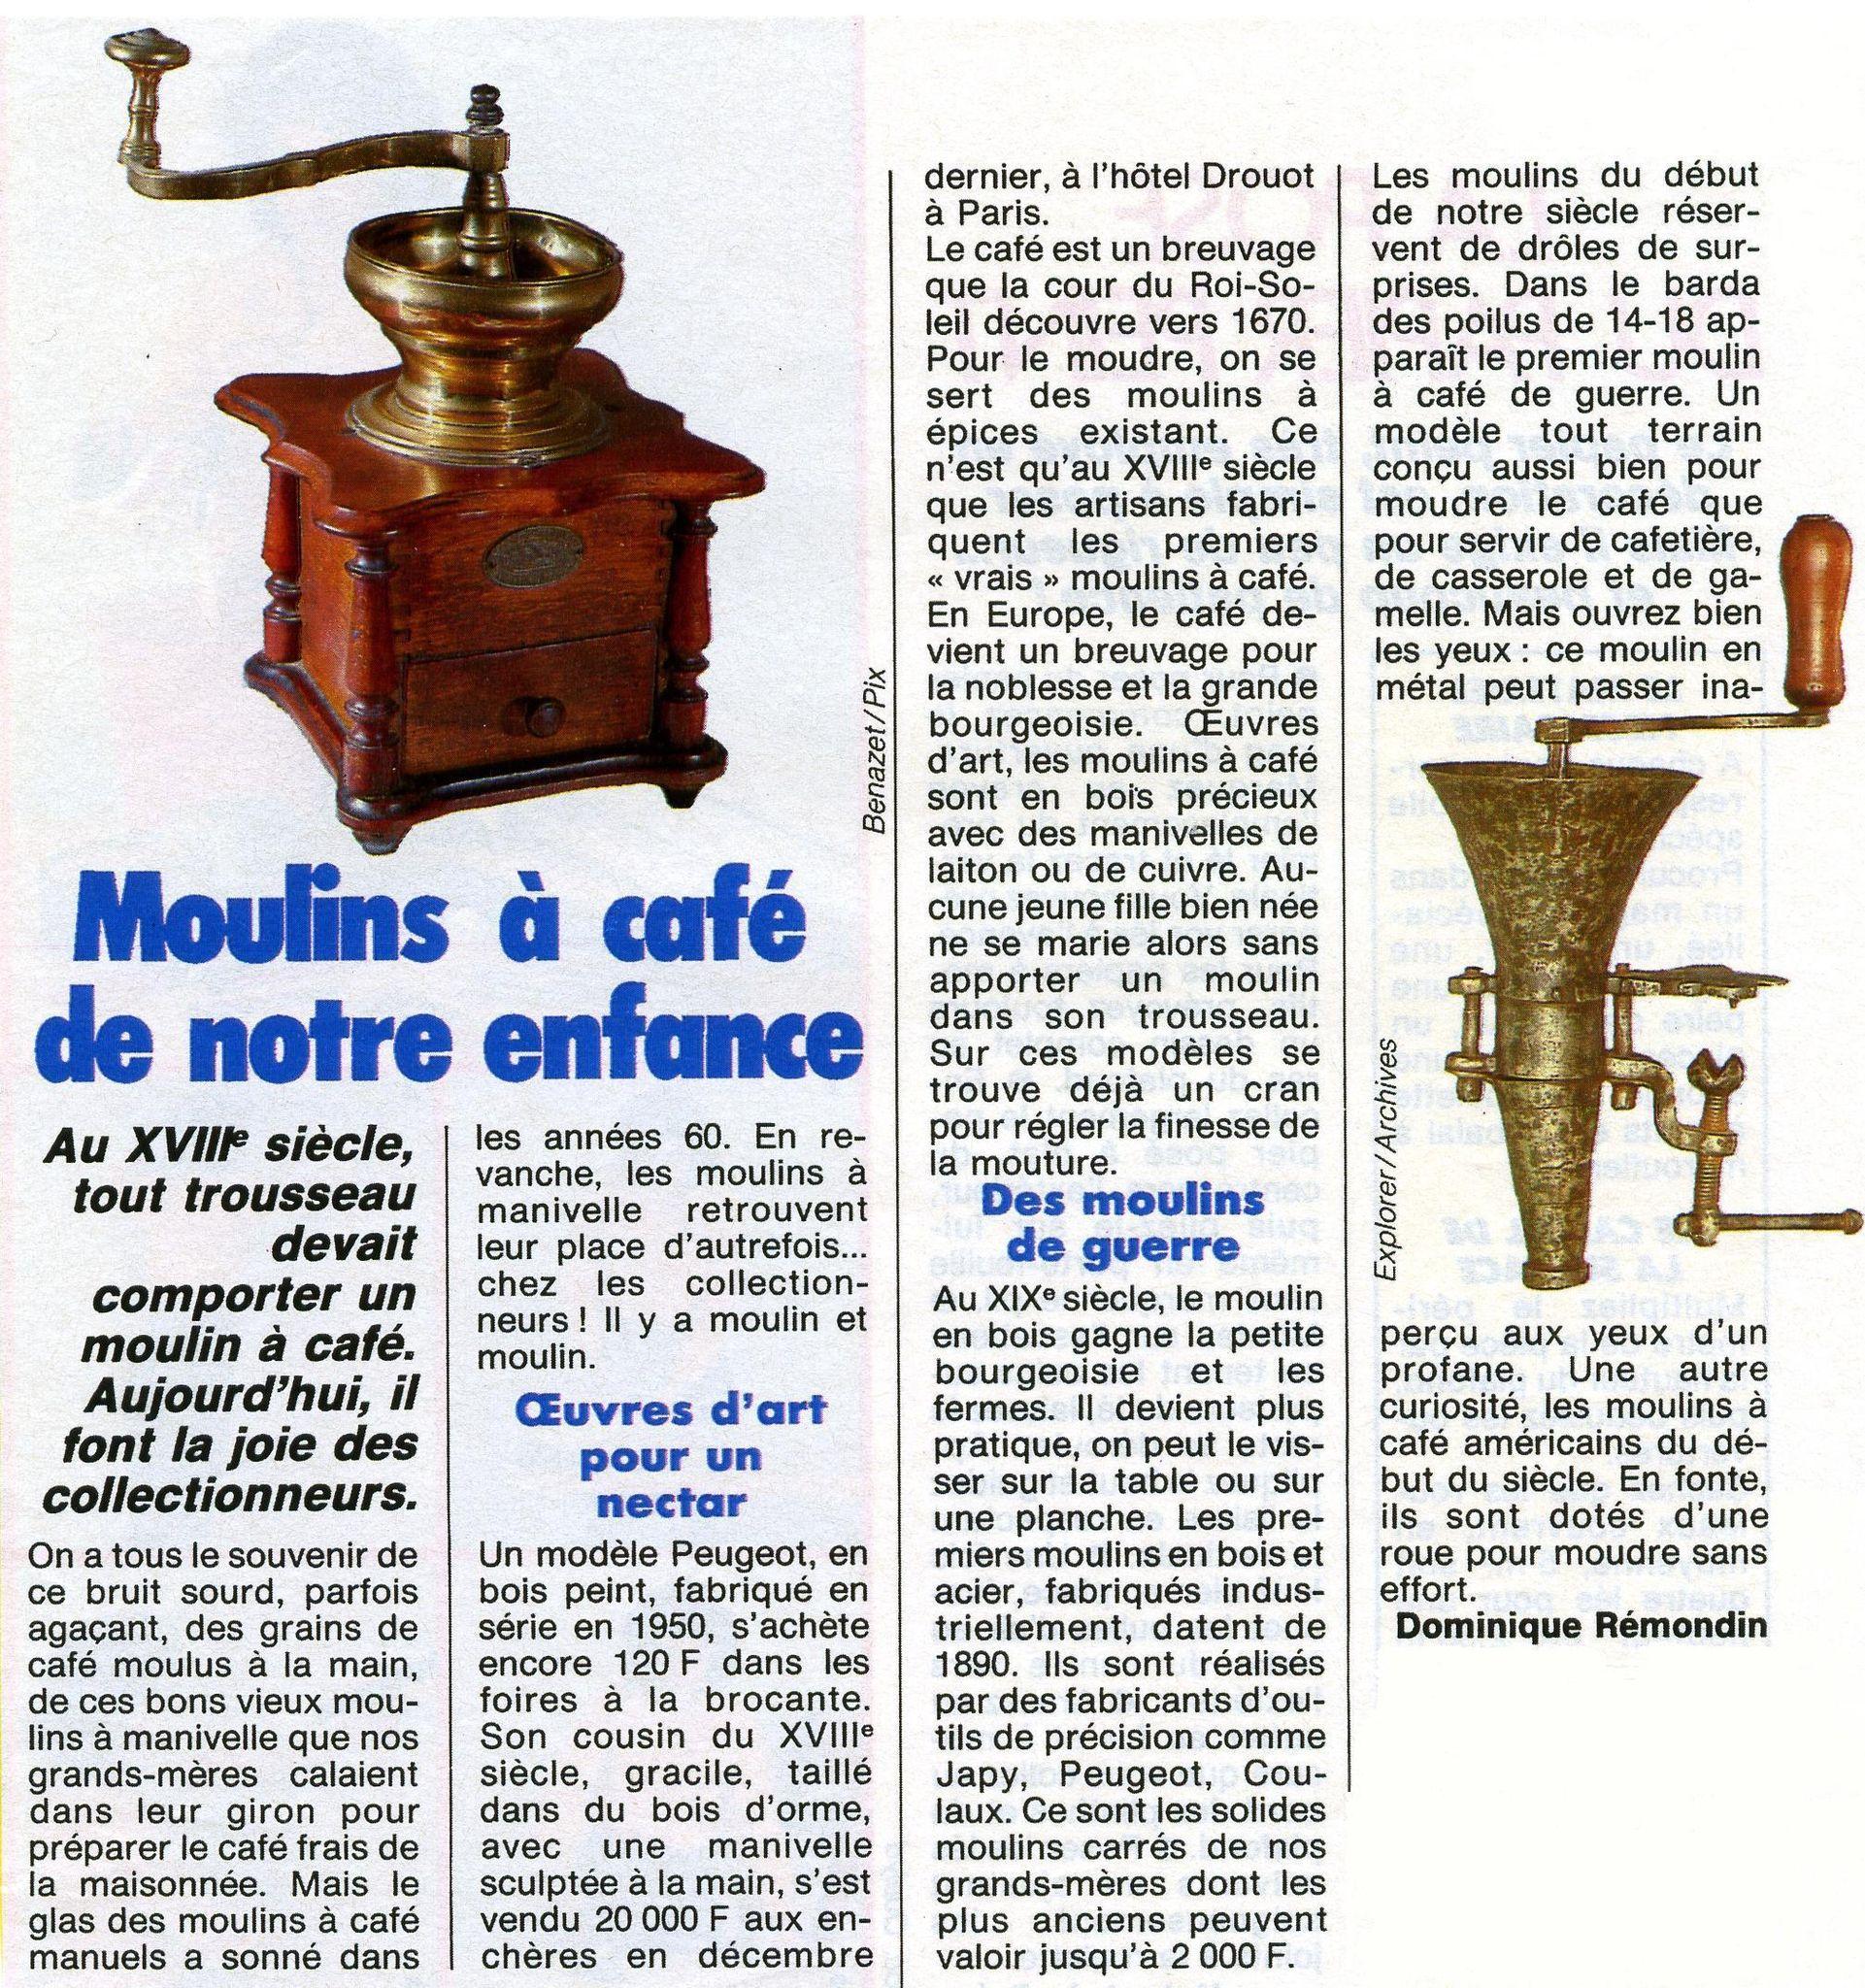 M comme... Moulin à café